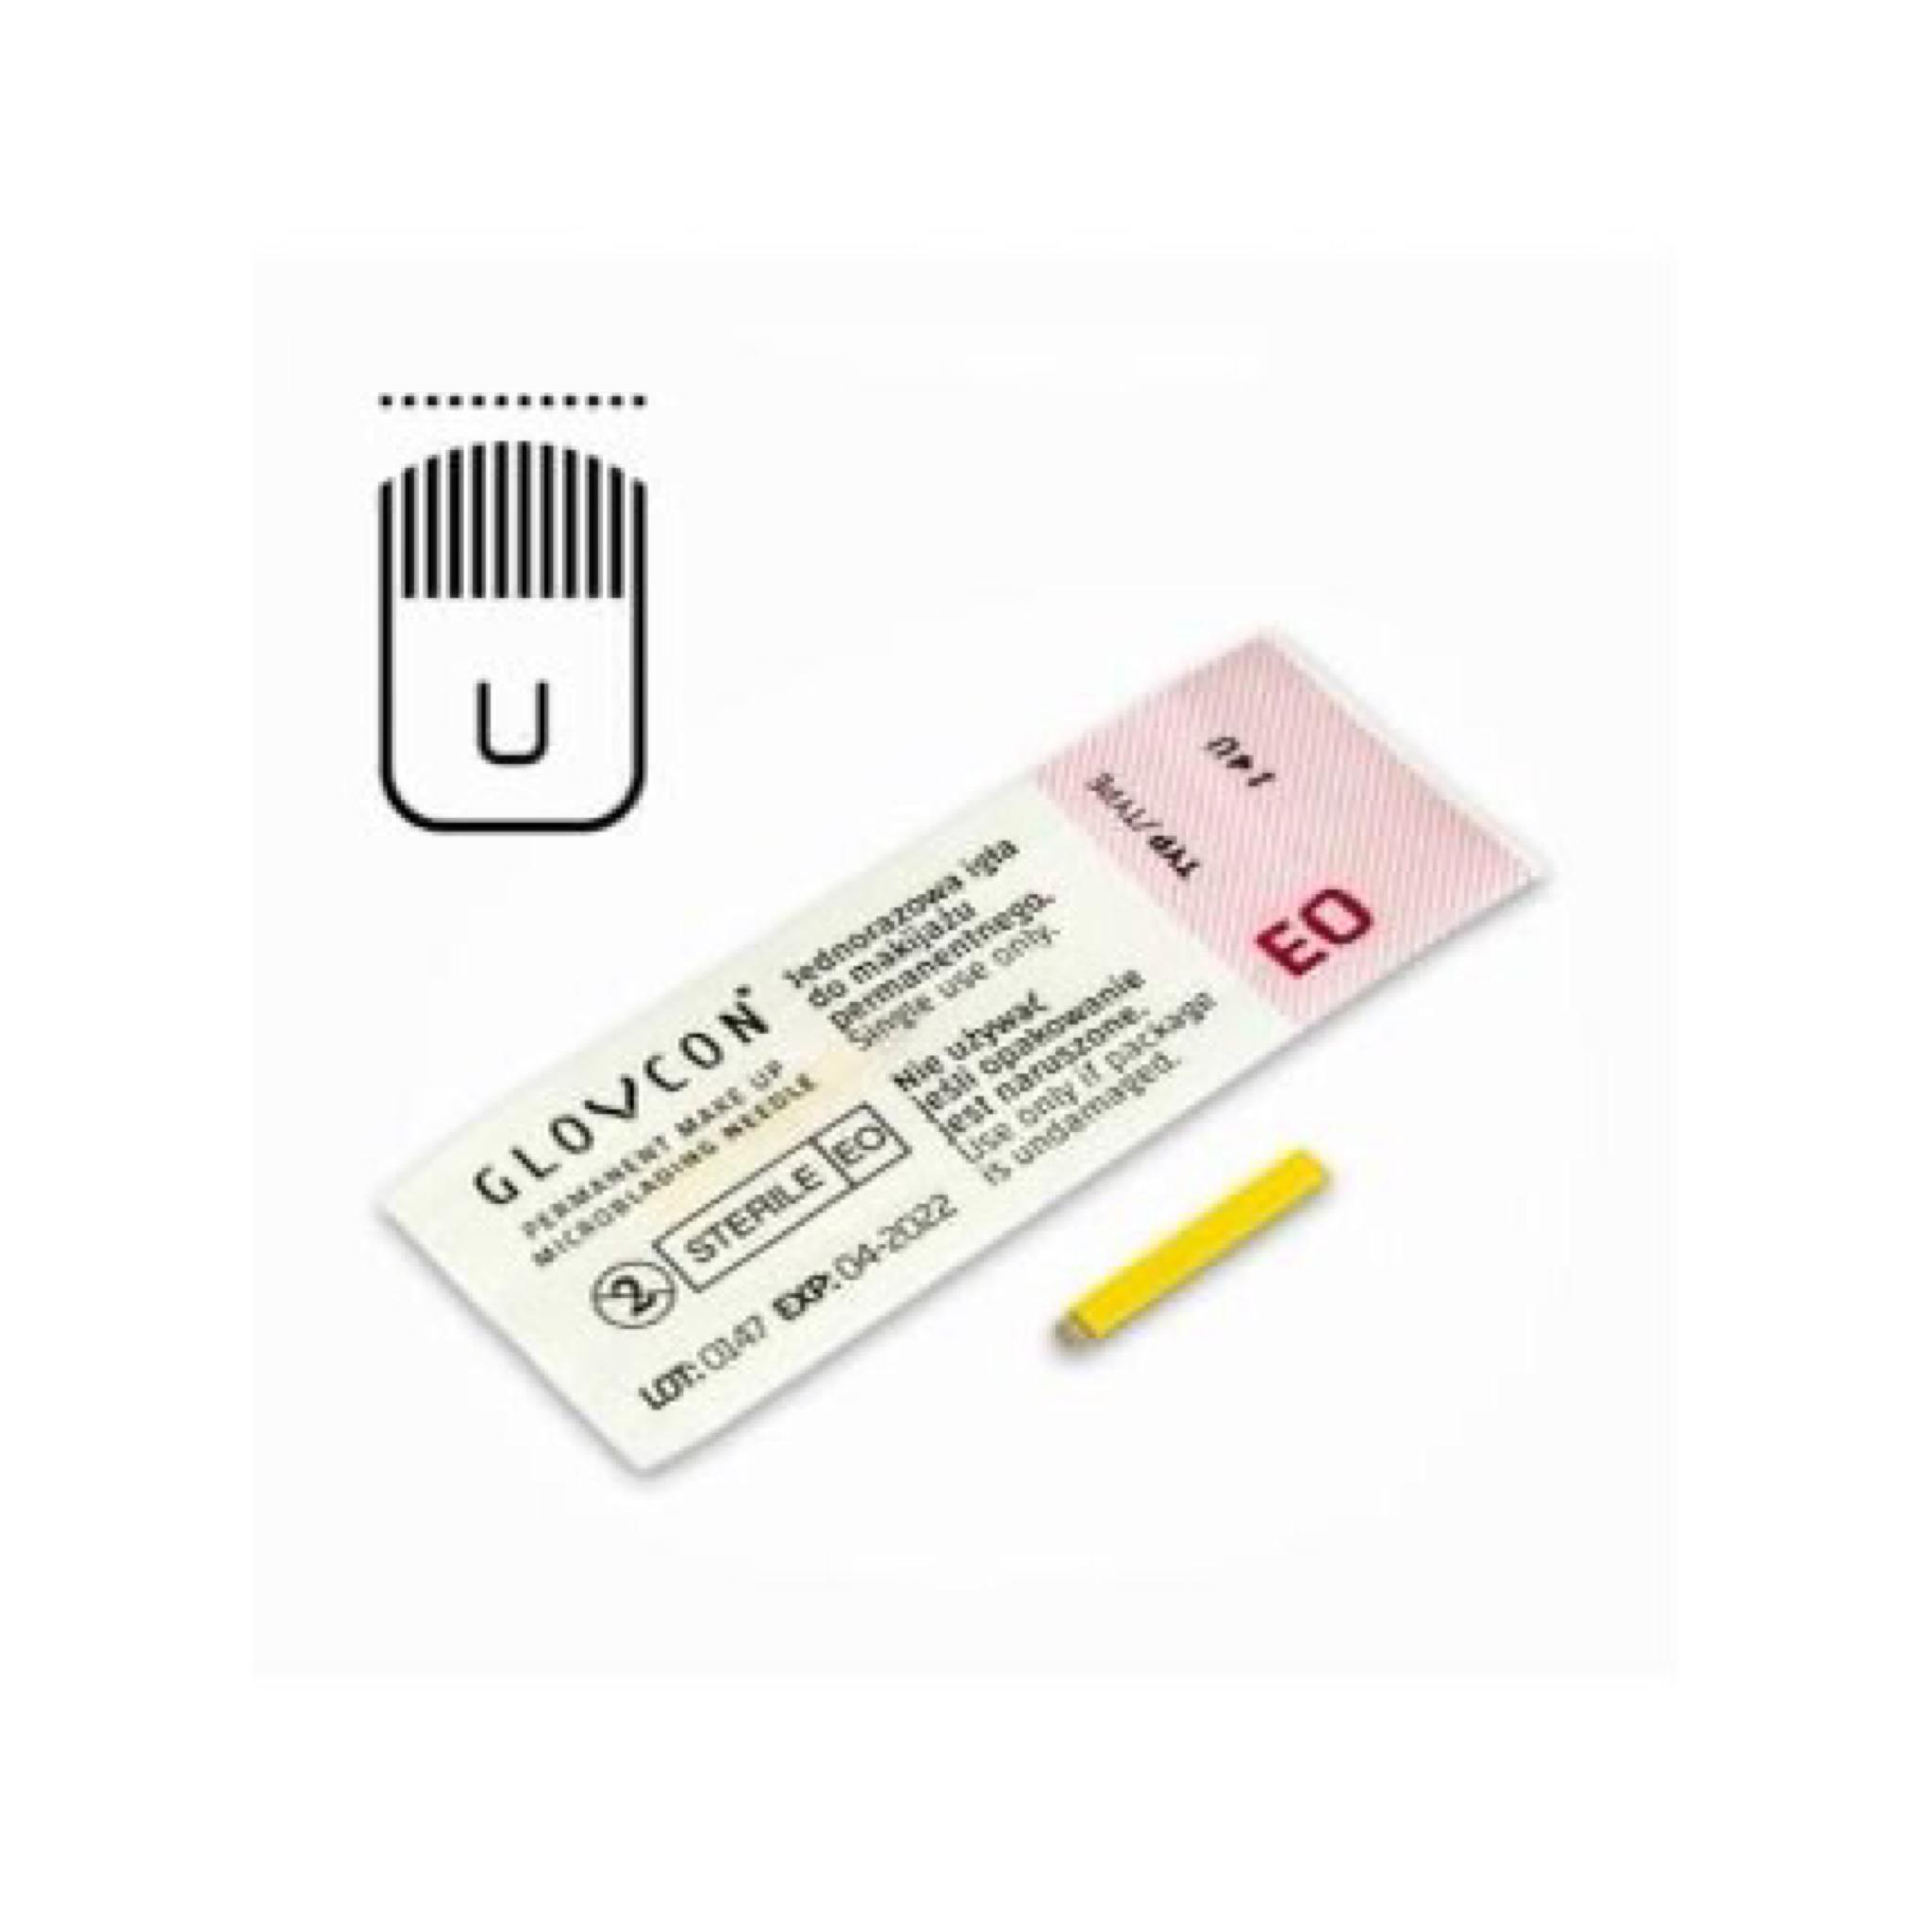 Microbladingnål/ Microblading needle #U 0,20